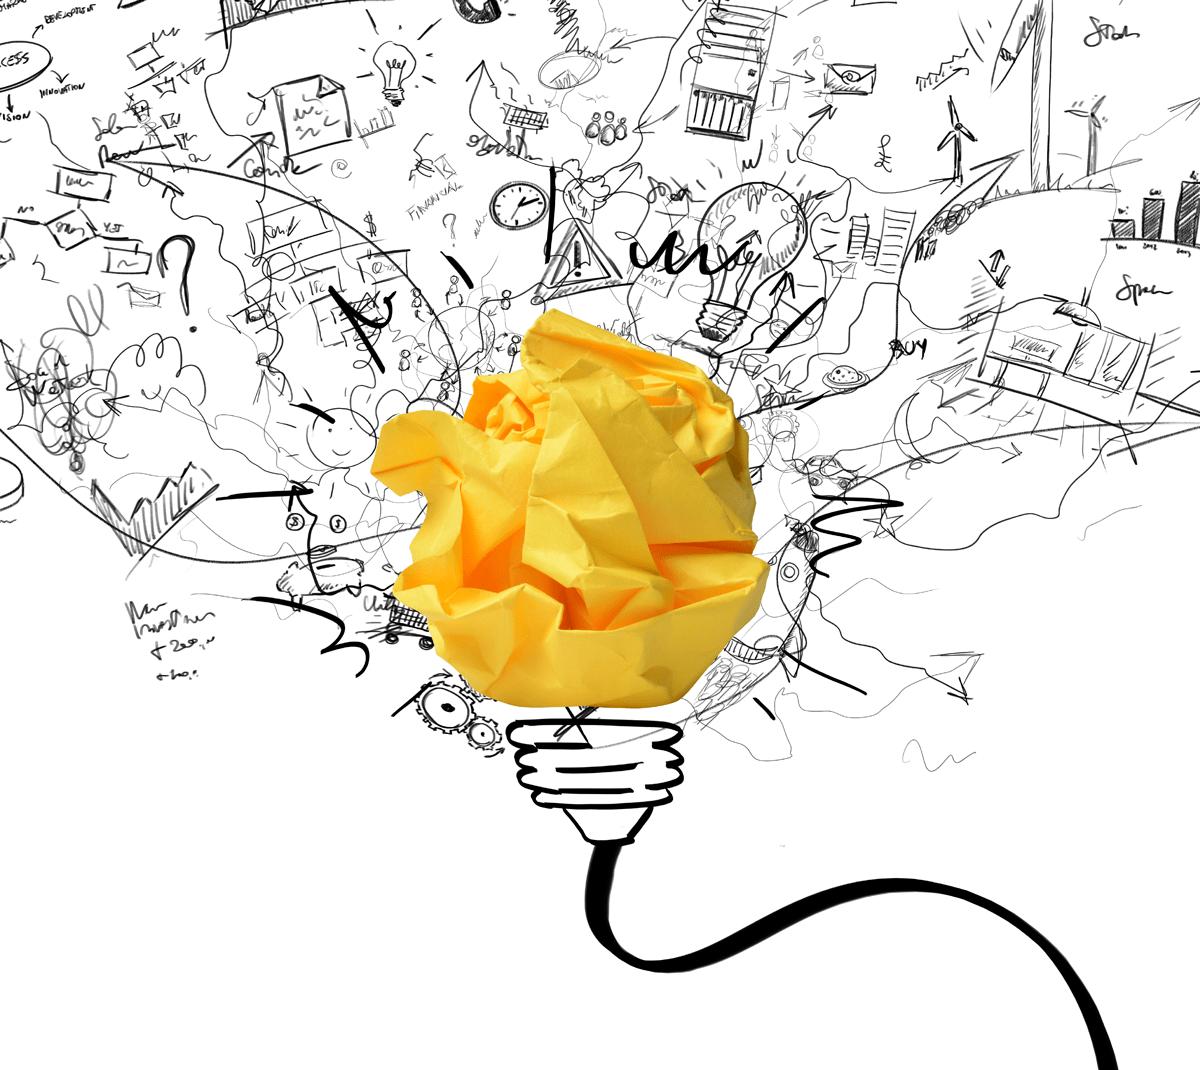 Schmuckbild Innovation